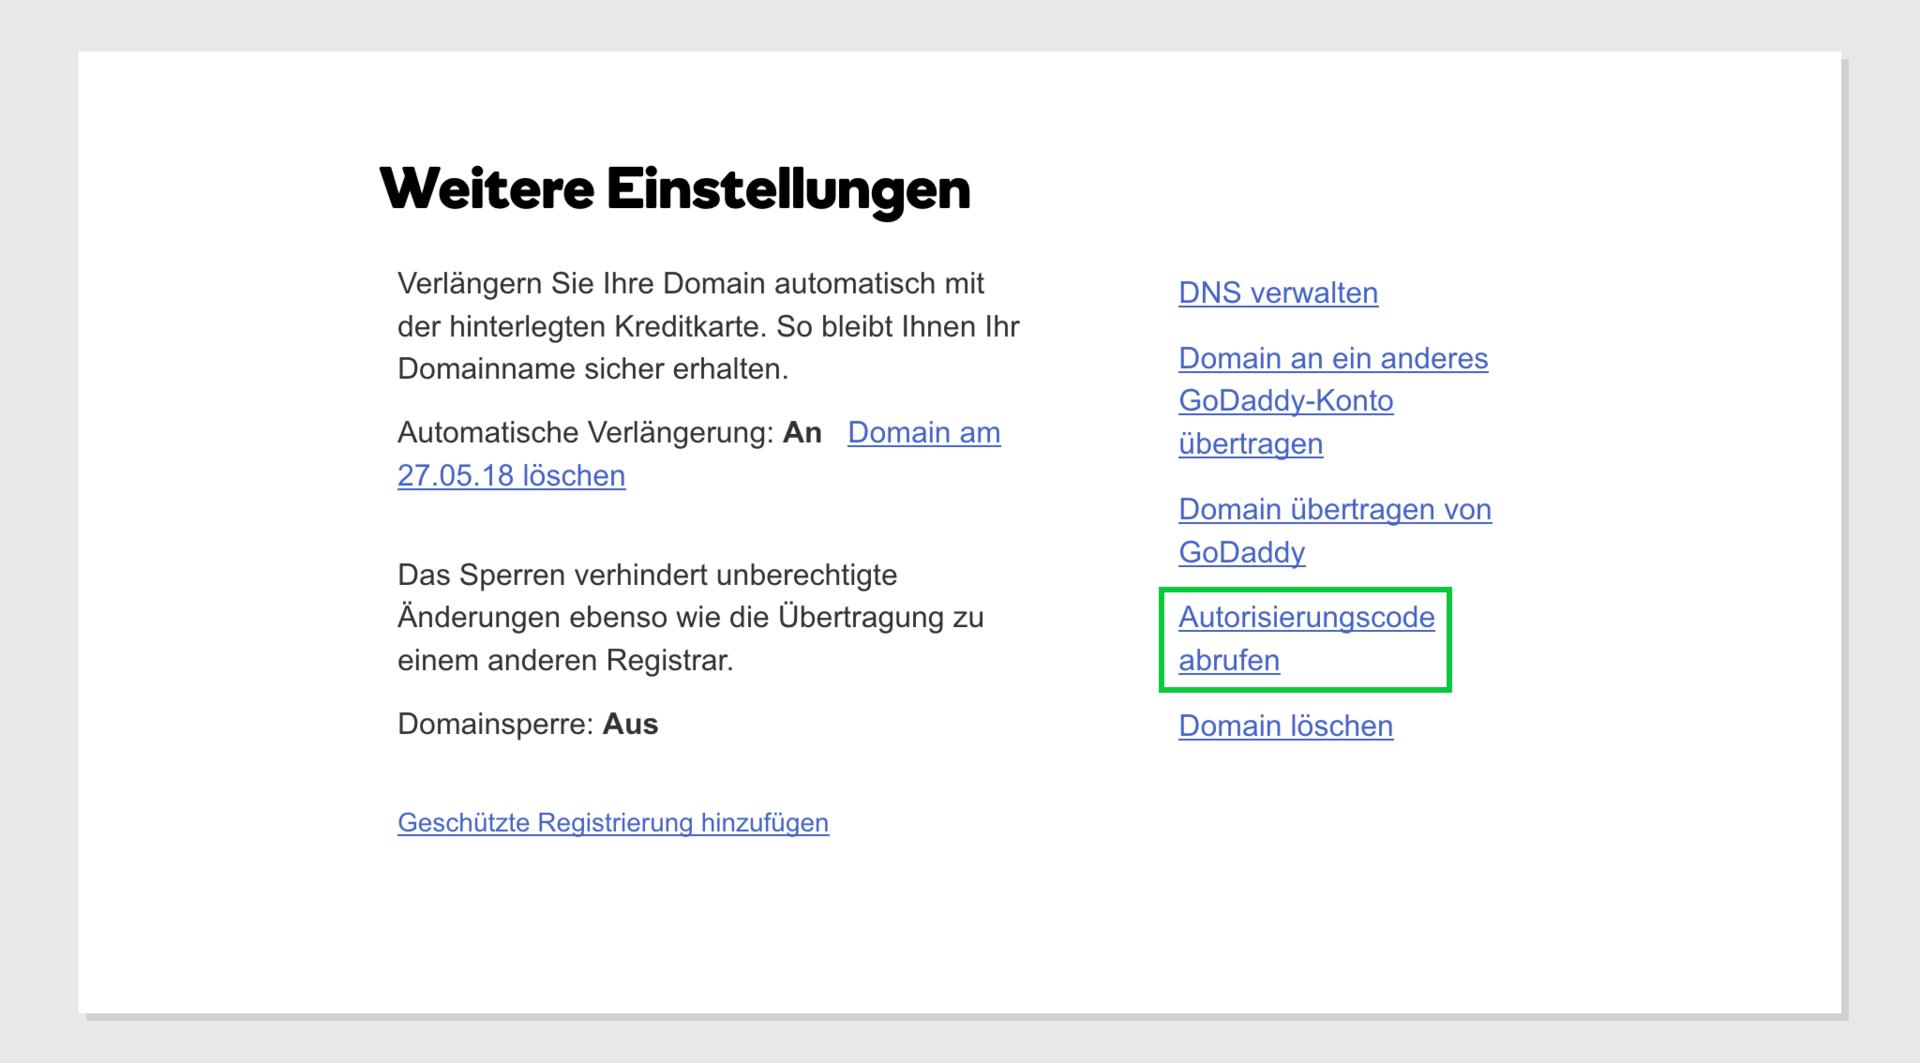 Beste Senden Sie Einen Lebenslauf Per E Mail Beispiele Fotos - Entry ...